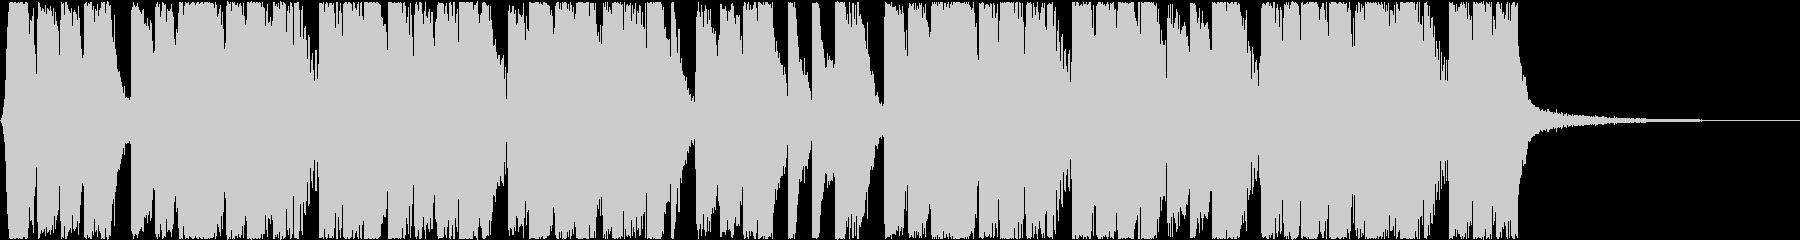 怪しく鋭い音のジングル用の短めEDMの未再生の波形